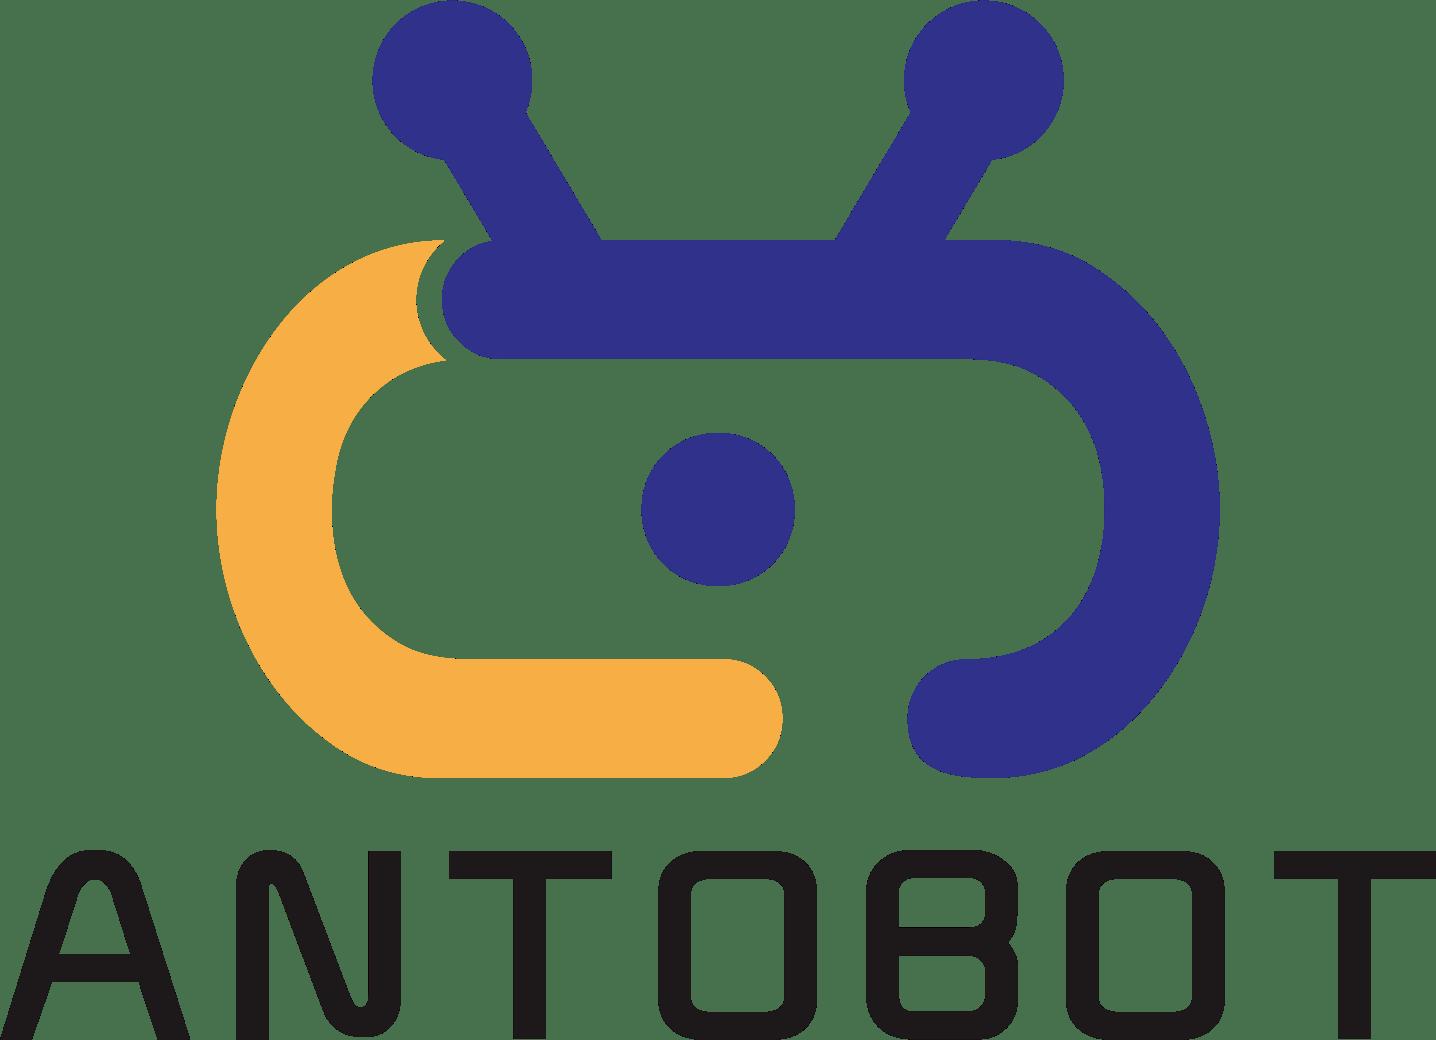 Antobot logo